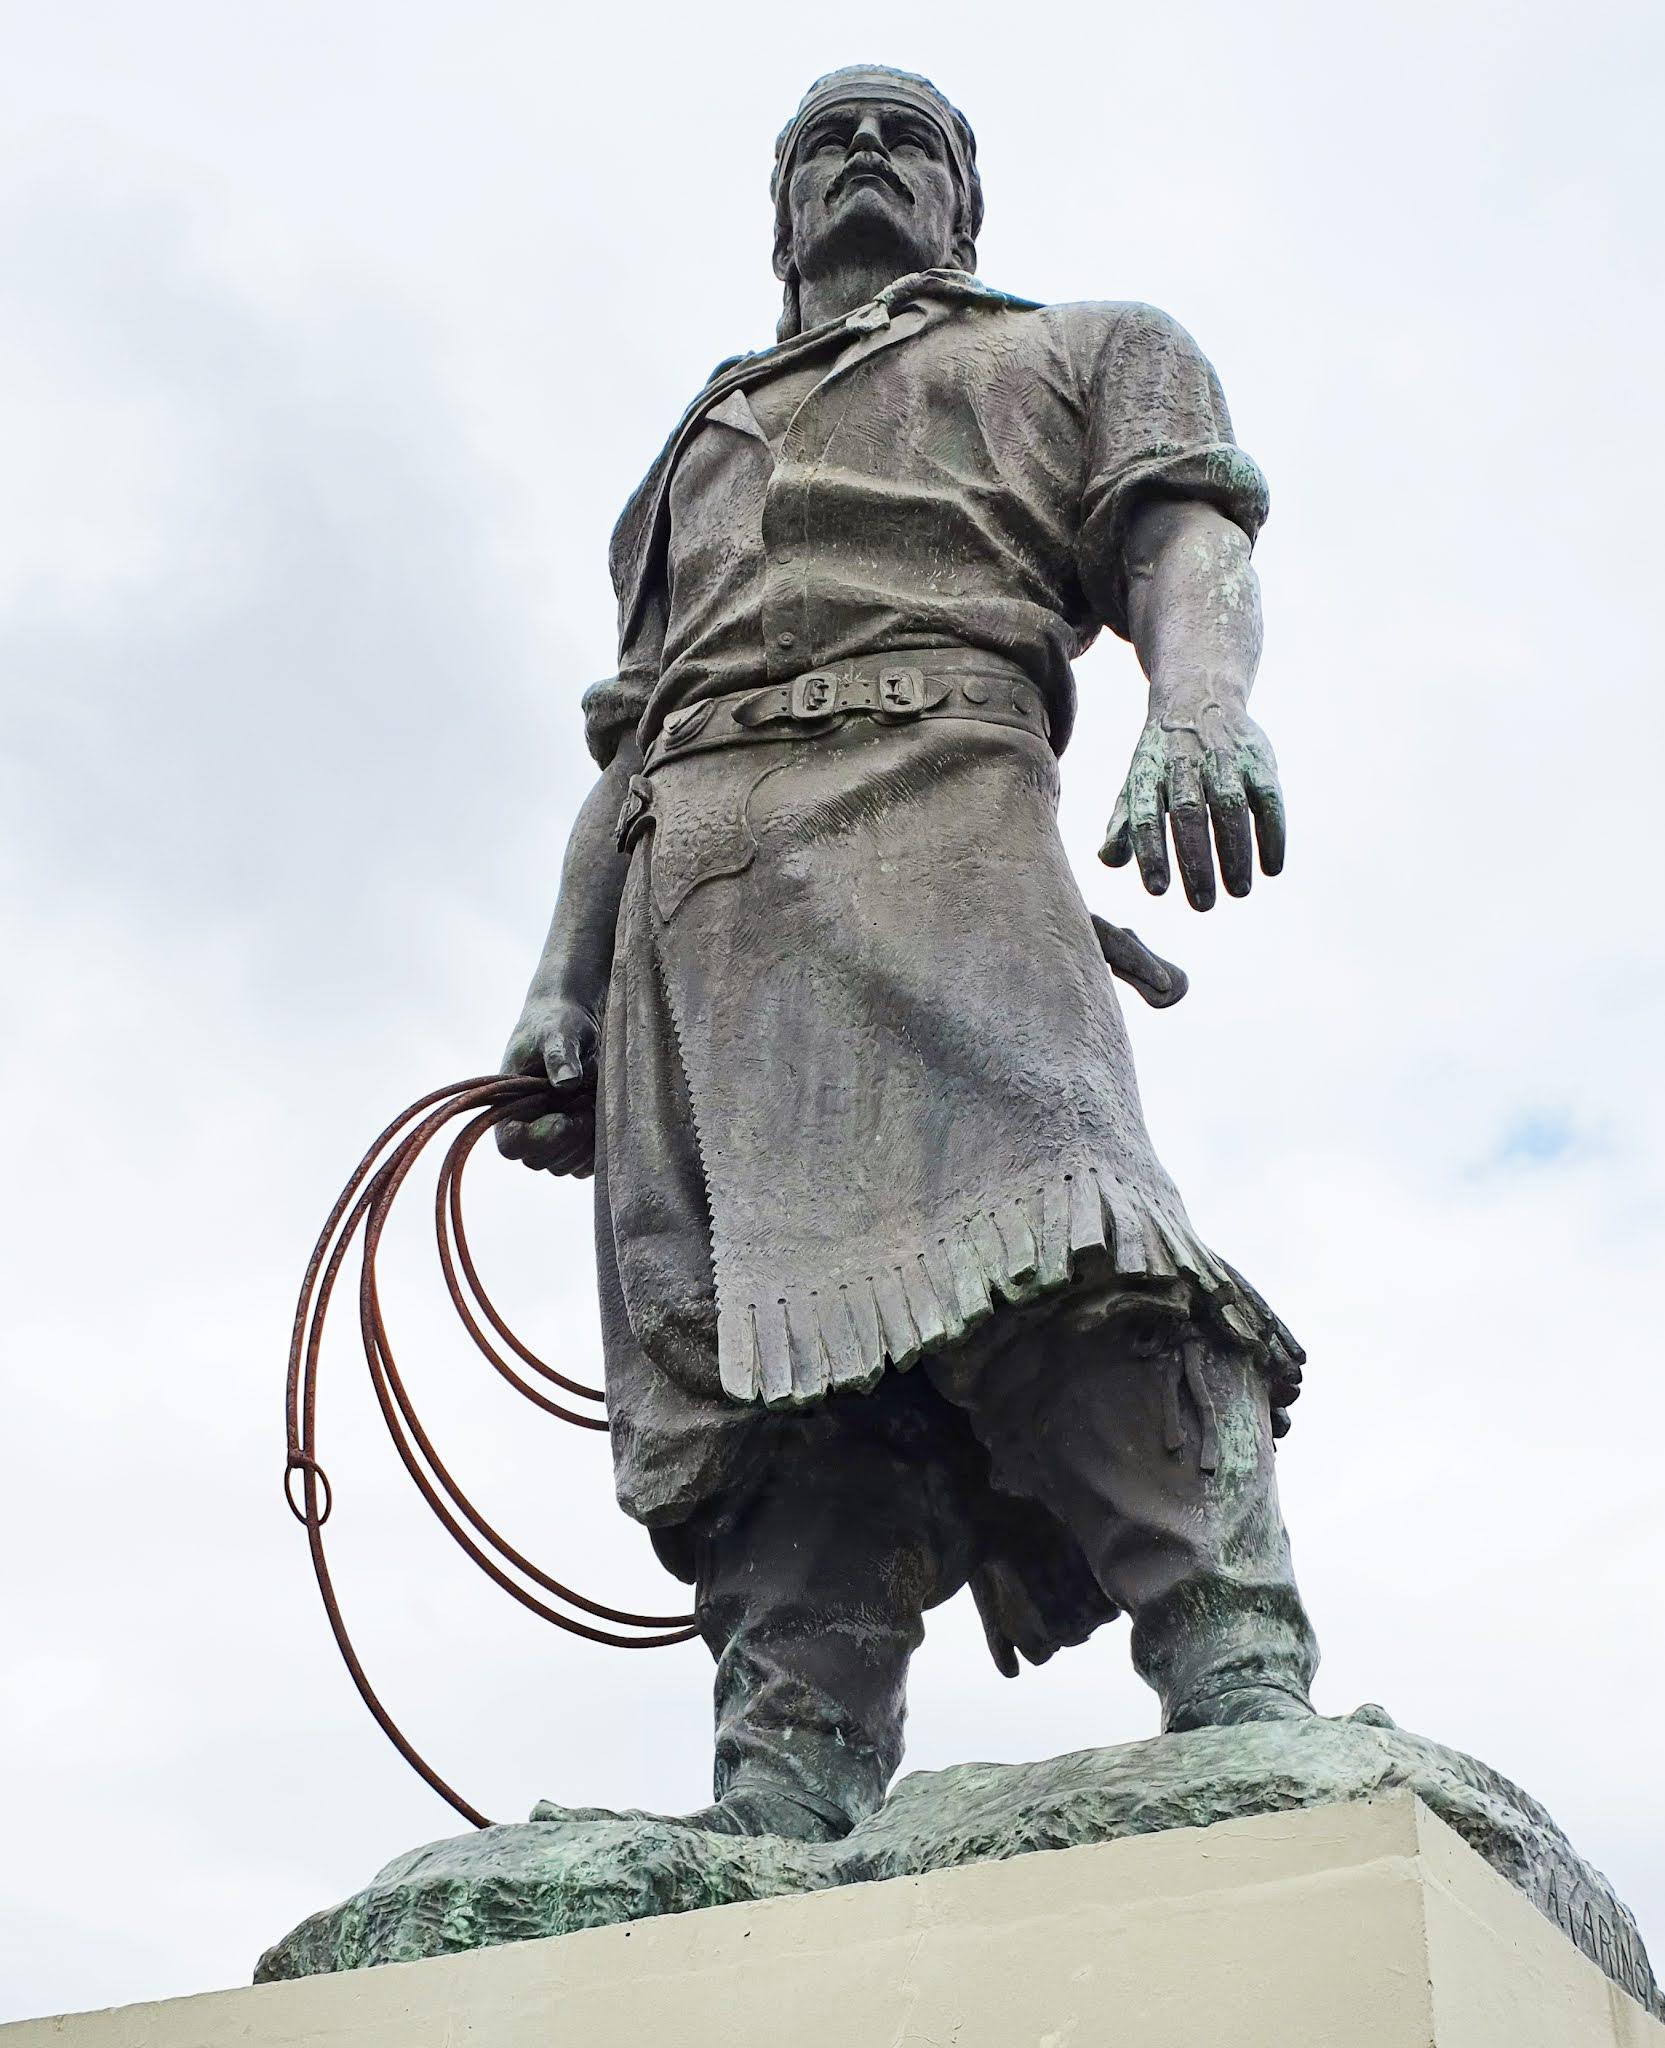 Monumento ao Laçador em Porto Alegre: a estátua que é símbolo da capital dos gaúchos